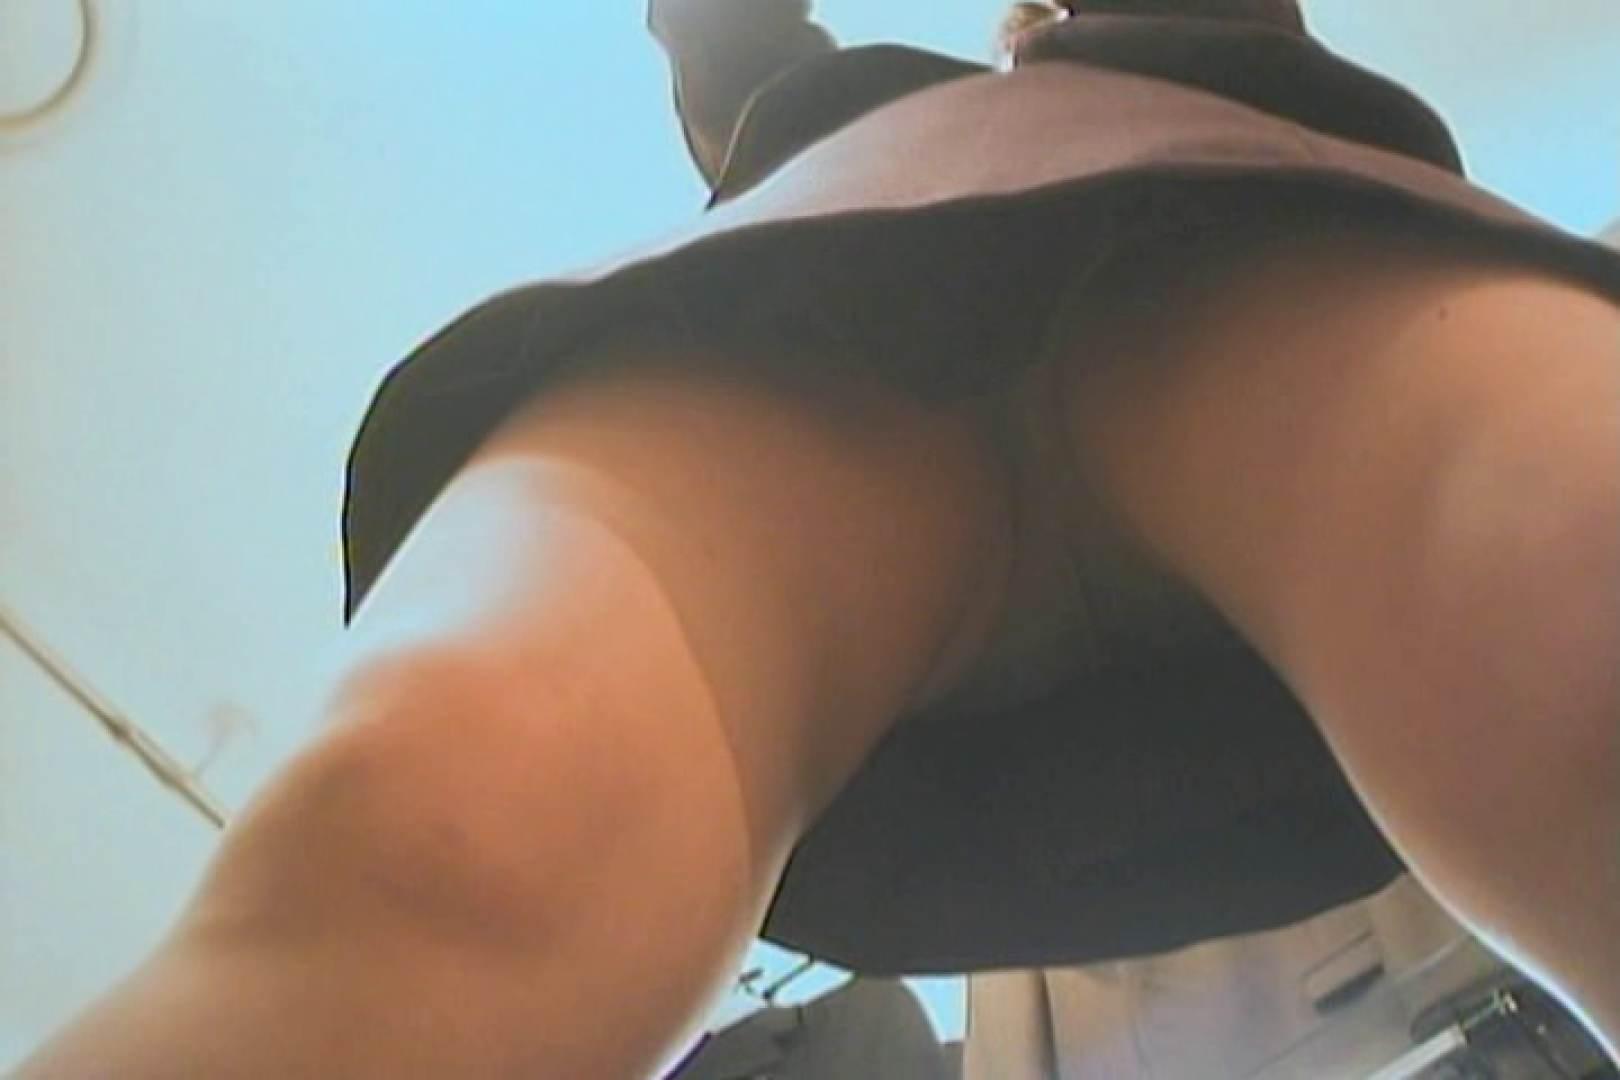 デパートローアングル徘徊 靴カメ盗撮Vol.4 お姉さん   盗撮  80pic 69